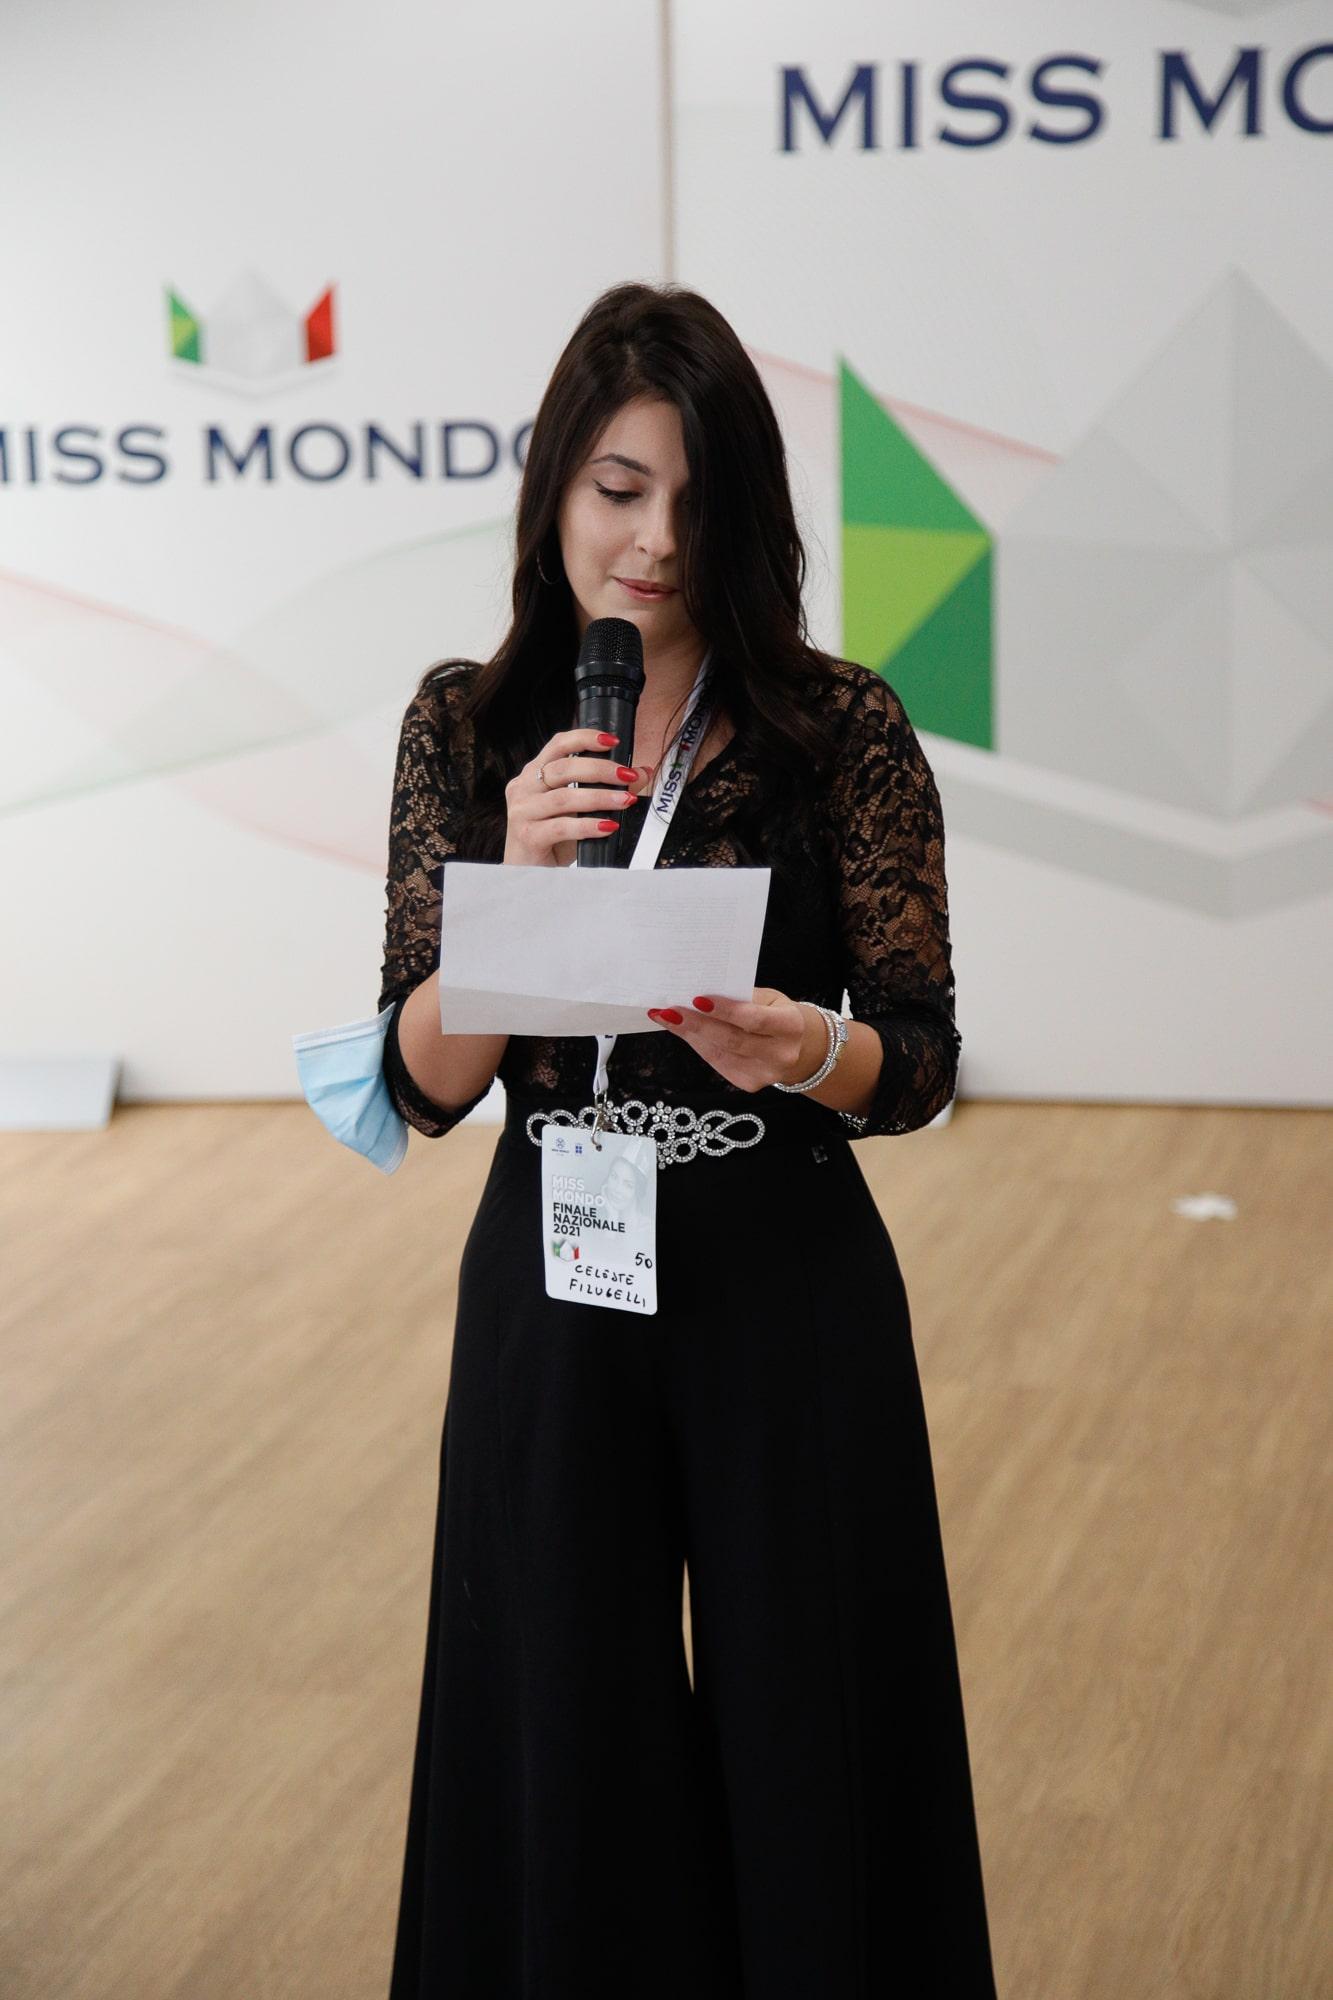 Finale nazione Miss Mondo Italia 2021 Audizione Talent 2 - 7